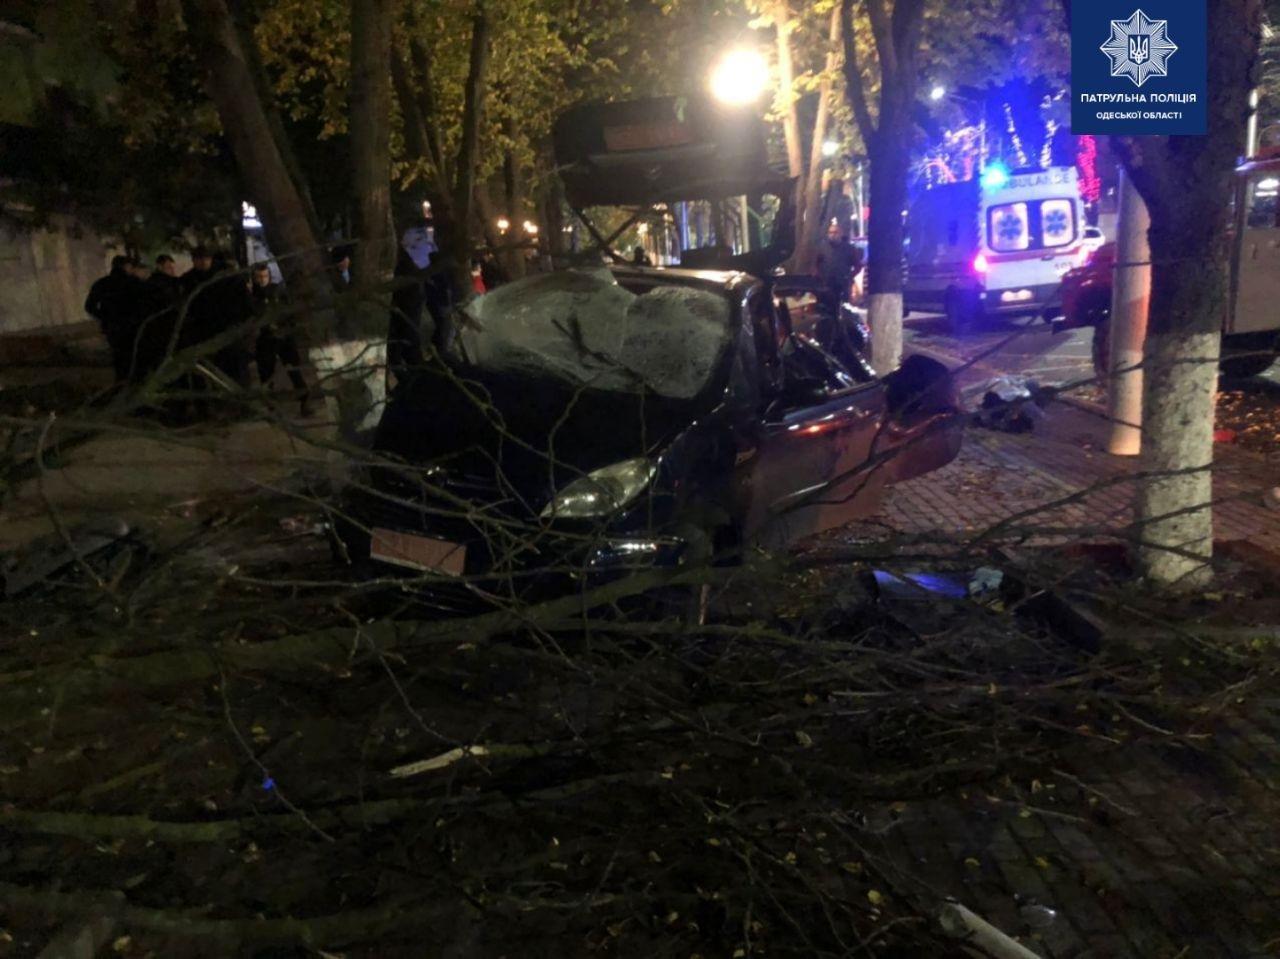 В Одесской области пьяный водитель врезался в дерево, есть..., фото-33